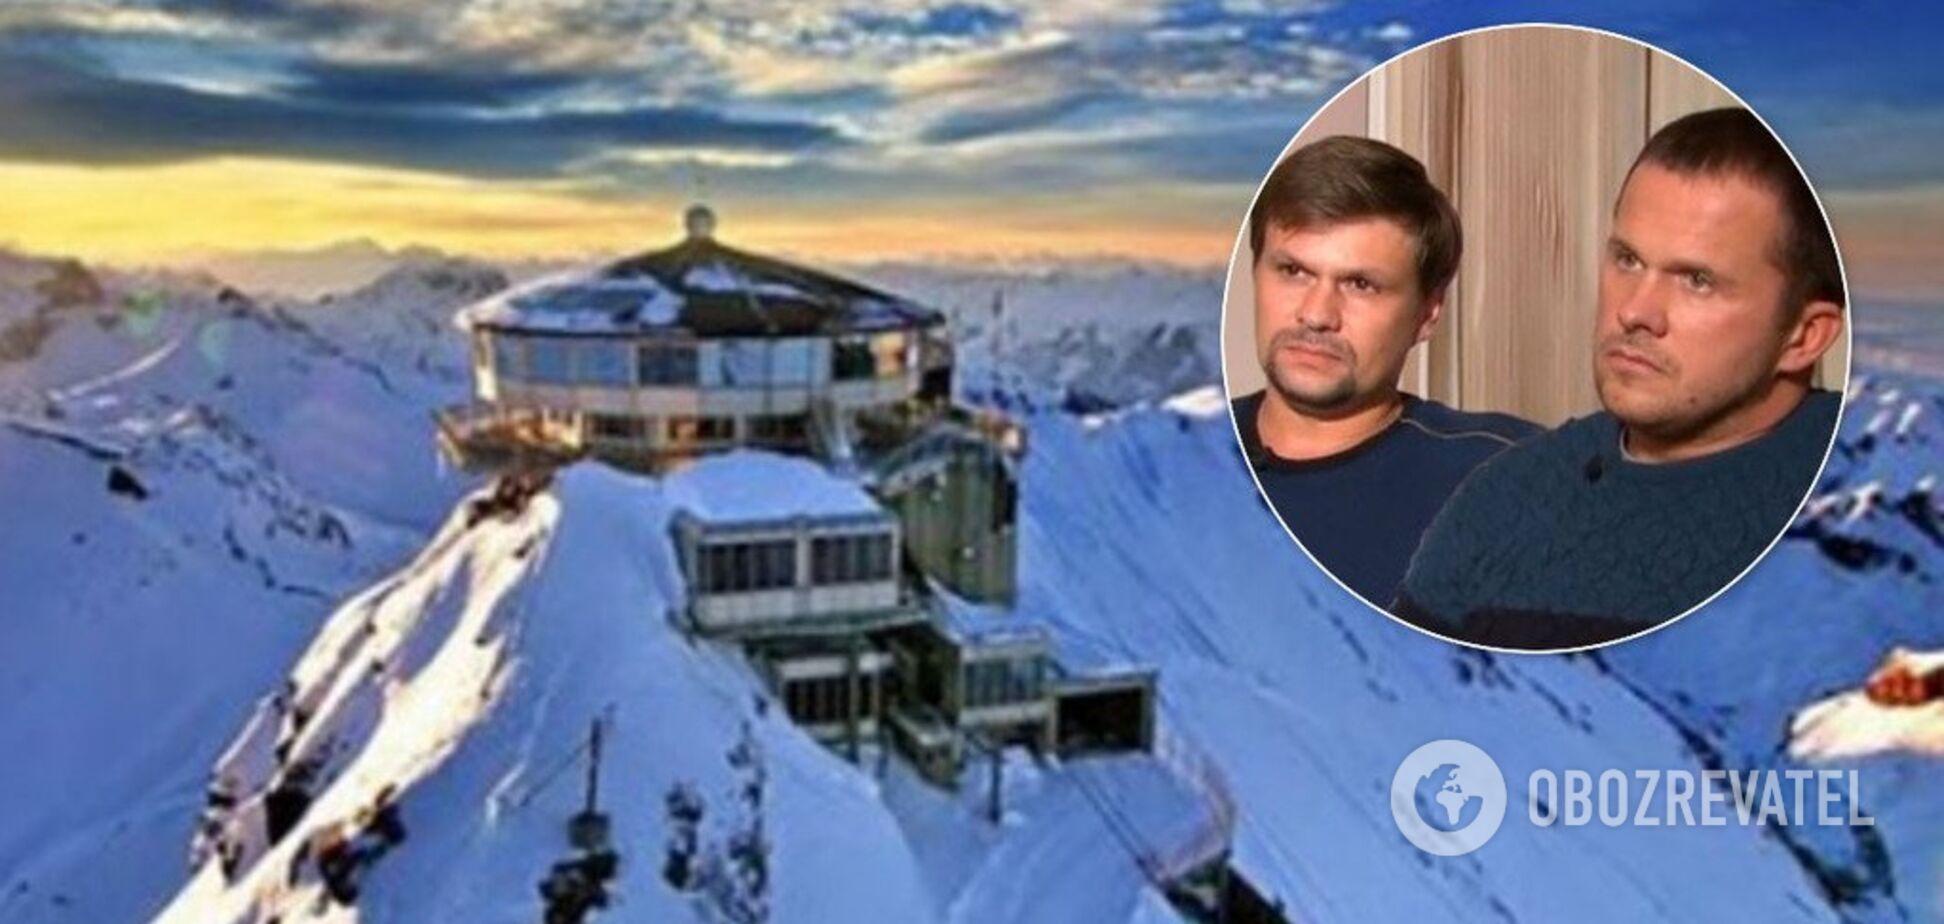 Тайная база шпионов России в Альпах: стало известно, кто посещал